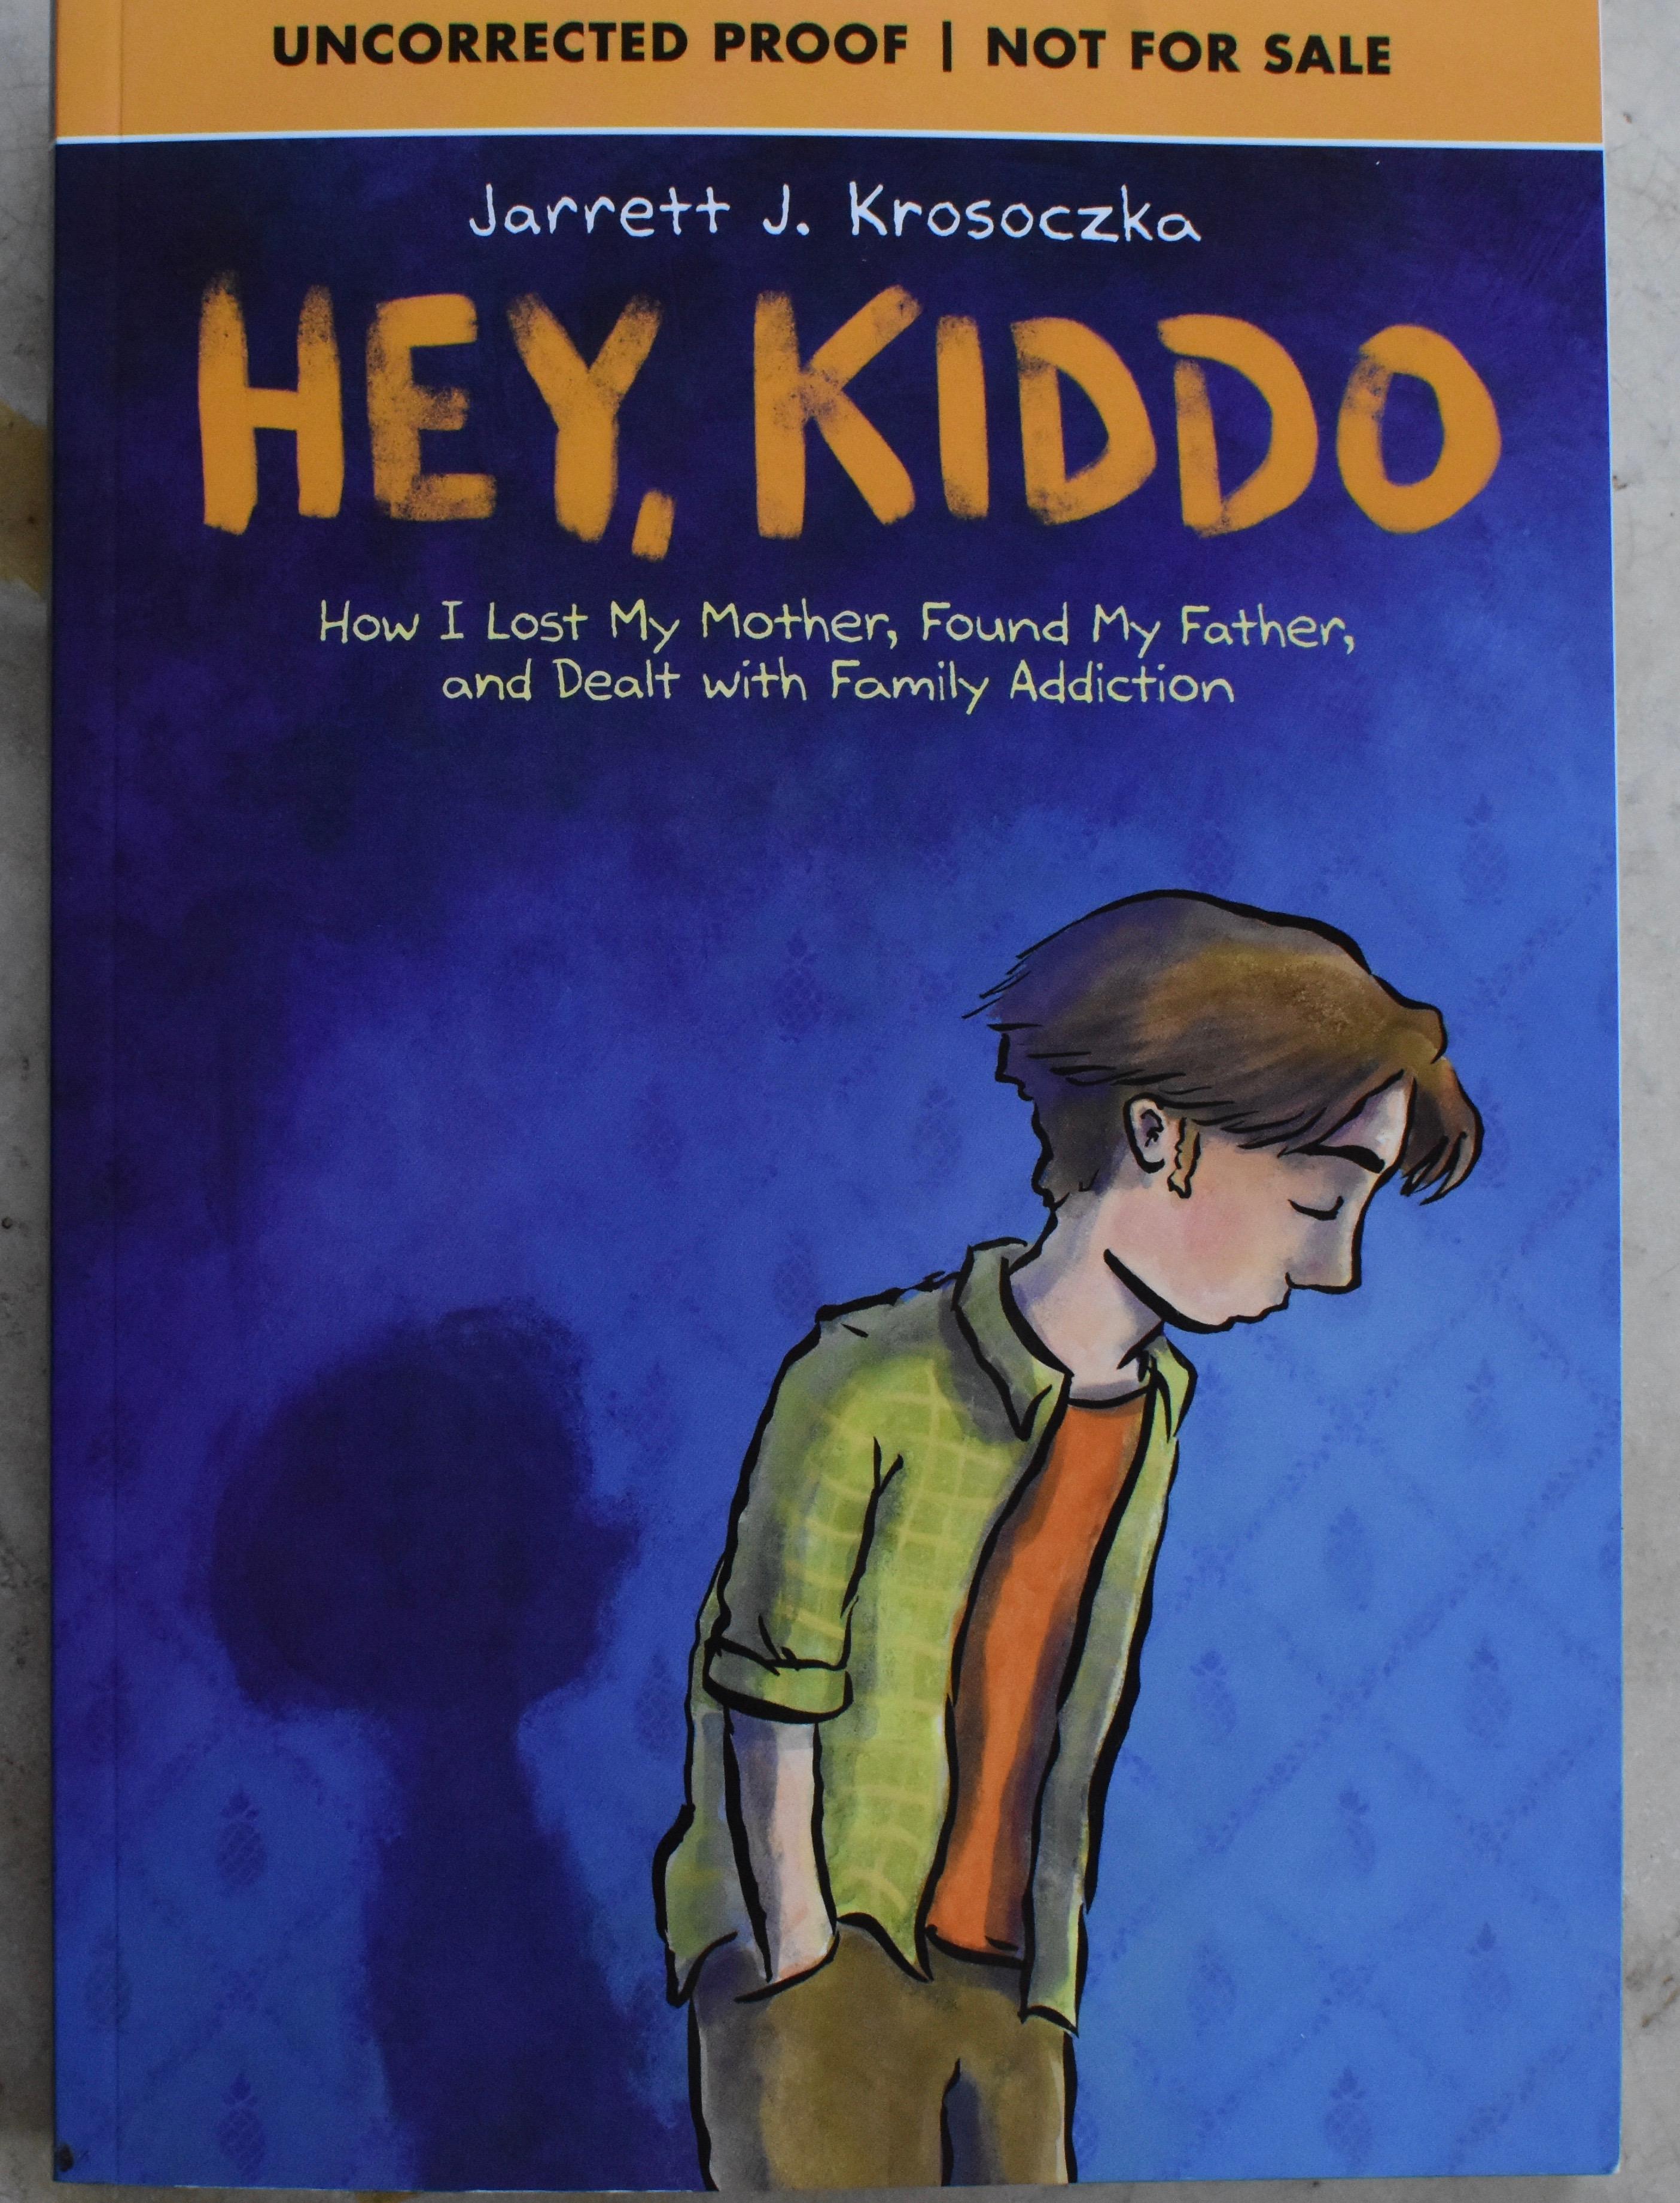 Hey, Kiddo by Jarrett J. Krosoczka